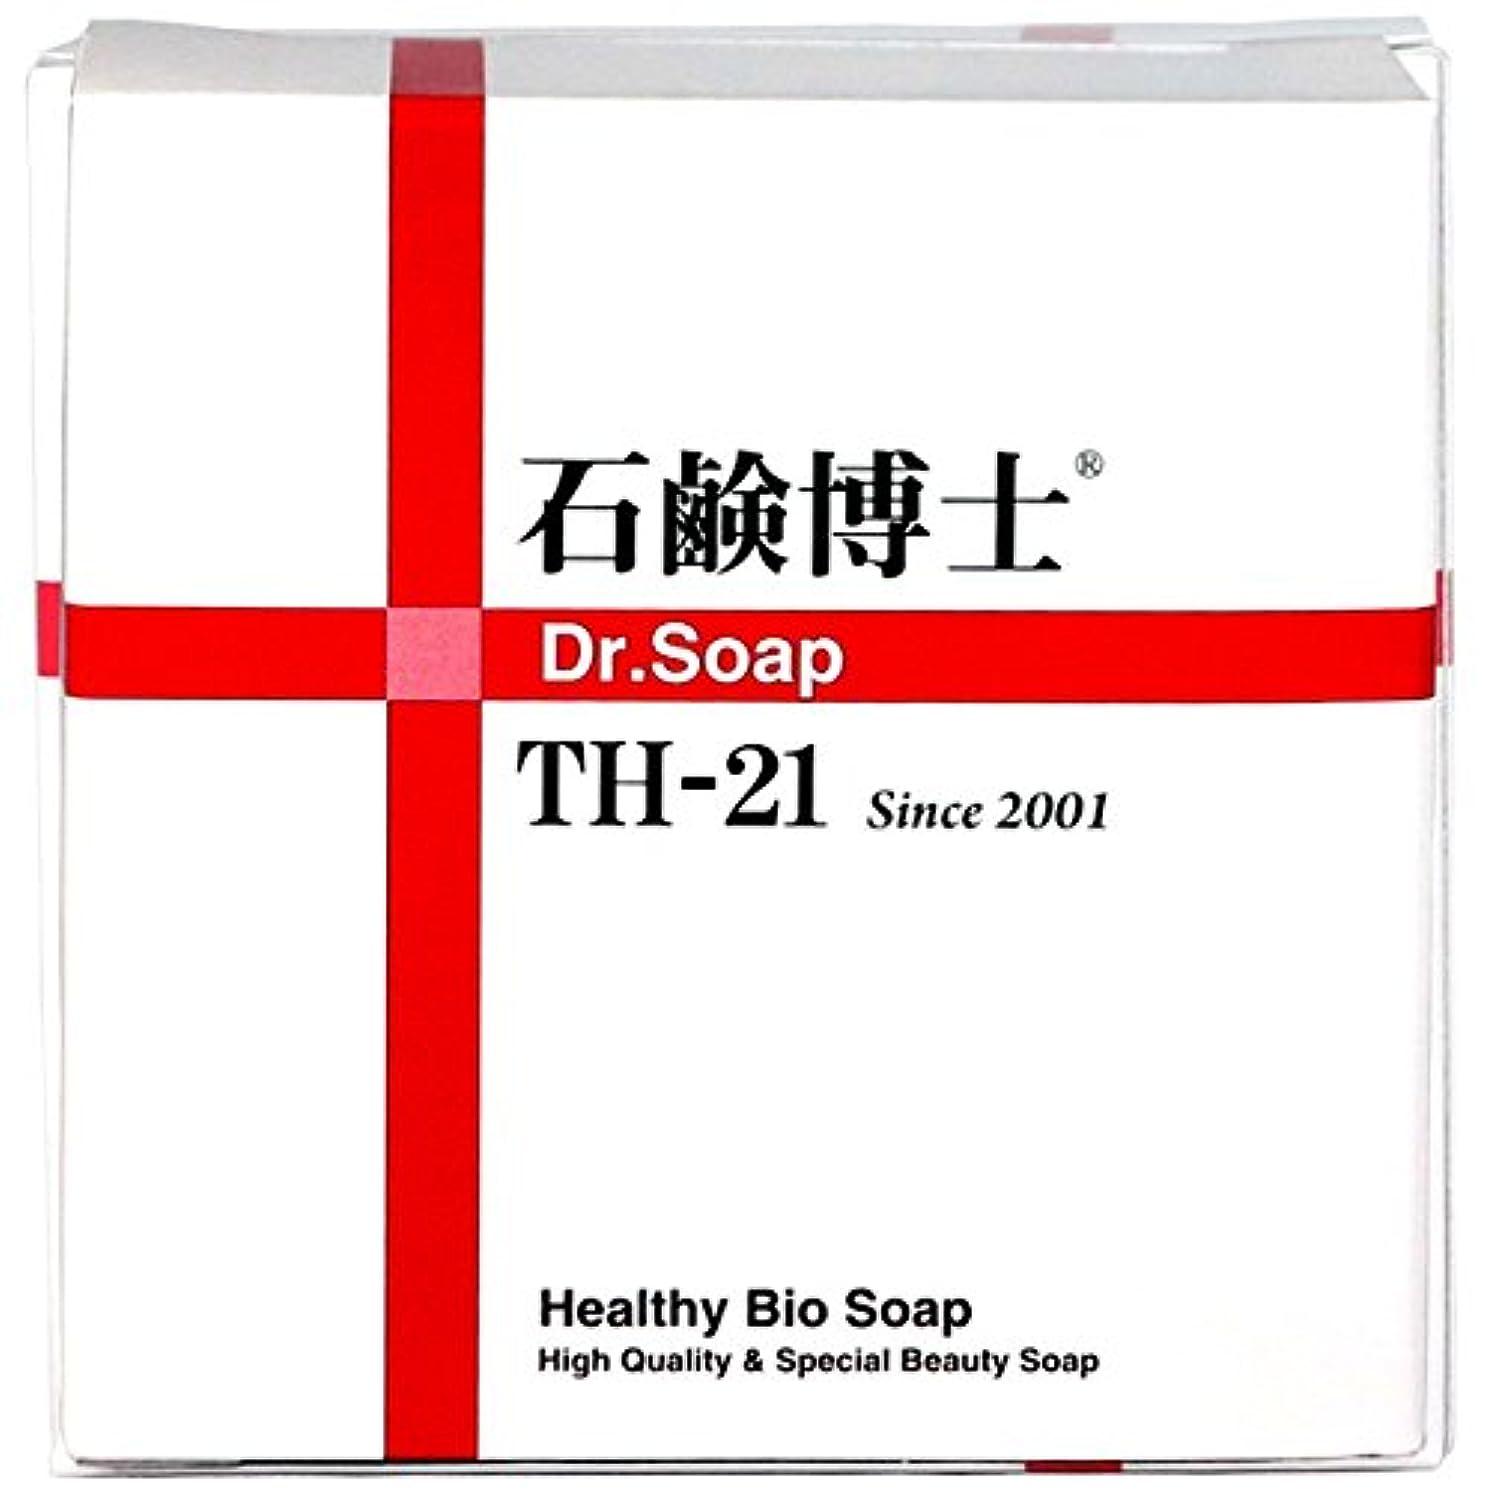 ひらめきスペード施設ミネラルと分解酵素で洗顔しながらスキンケア 石鹸博士 DRソープ石鹸 Dr.Soap TH-21 100g